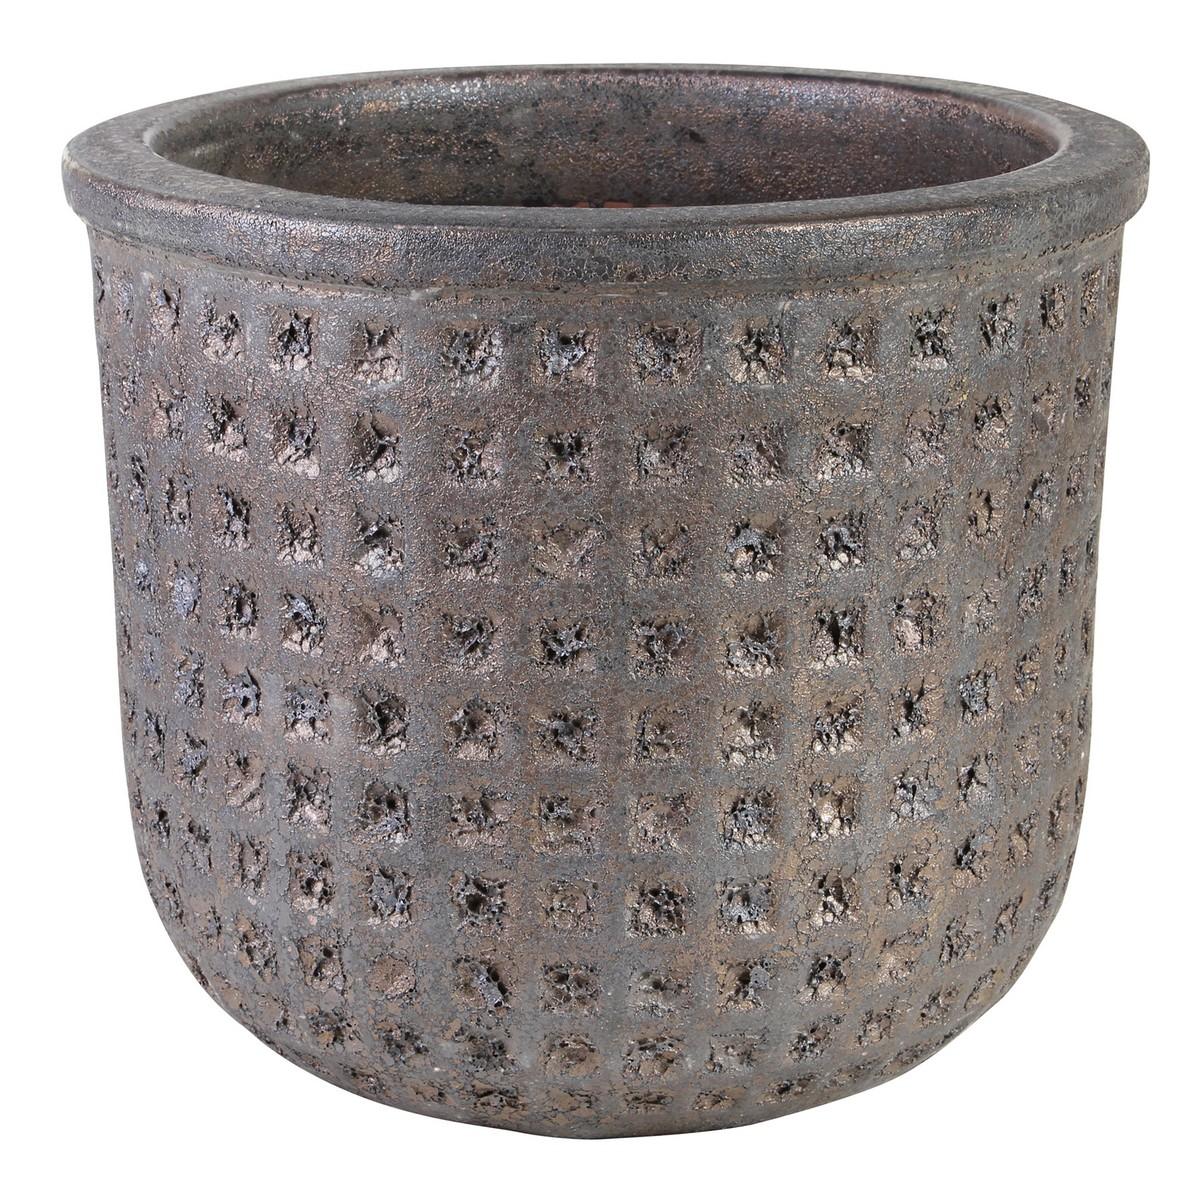 【直送】PTMD/Seco bronze ceramic round pot/667420※返品・代引・キャンセル不可【01】